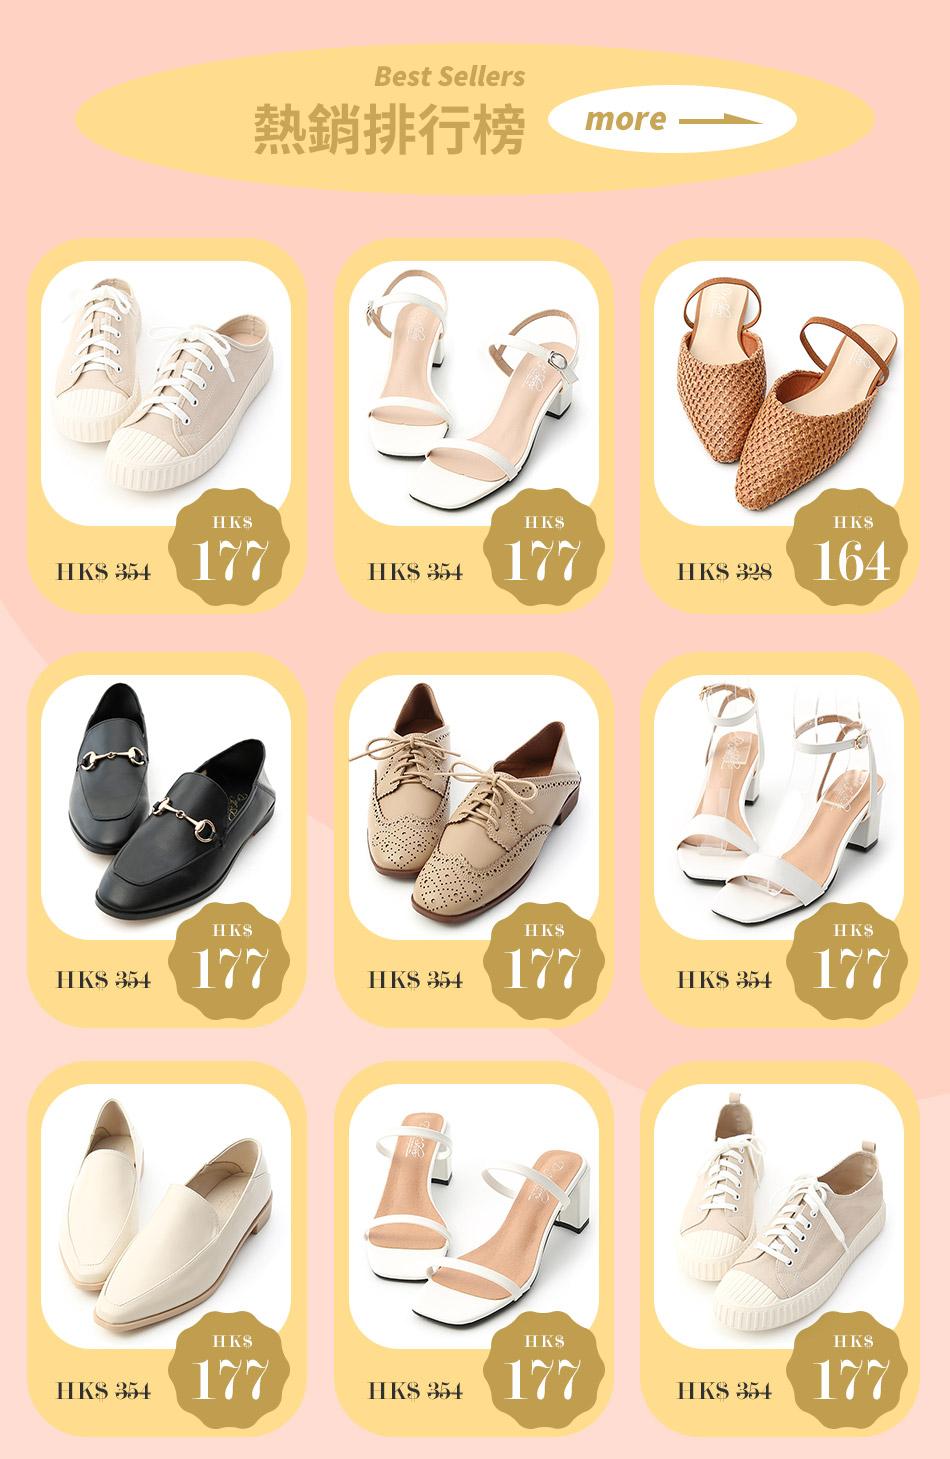 流行女鞋熱銷榜 熱銷鞋款限時5折 D+AF香港